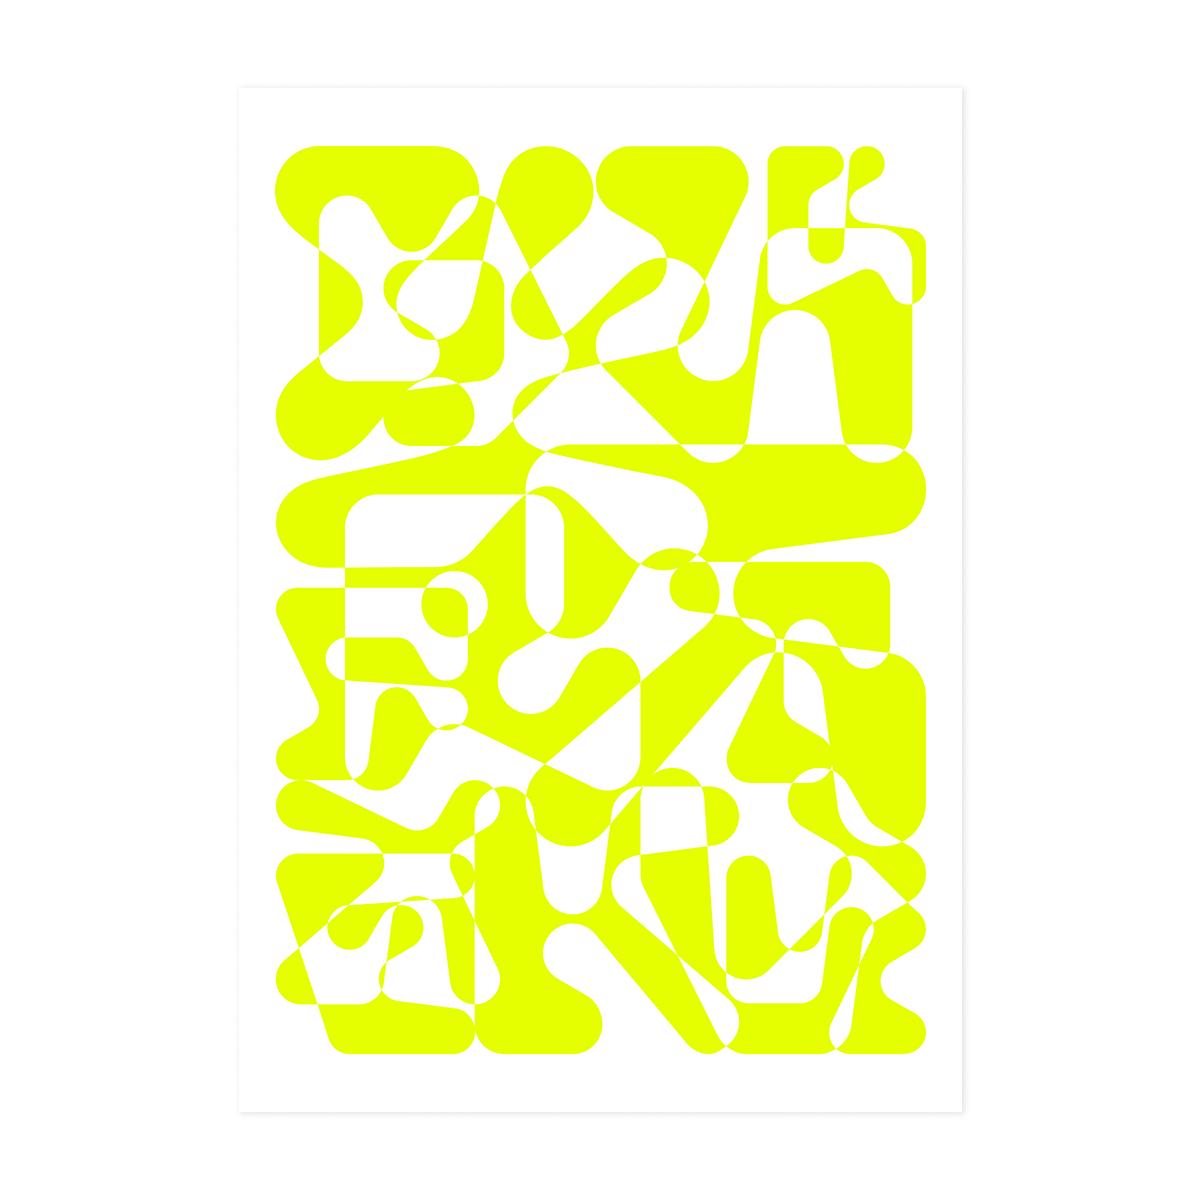 플랫폼엘 김기문 circle, rectangle, red, neon yellow, white 7